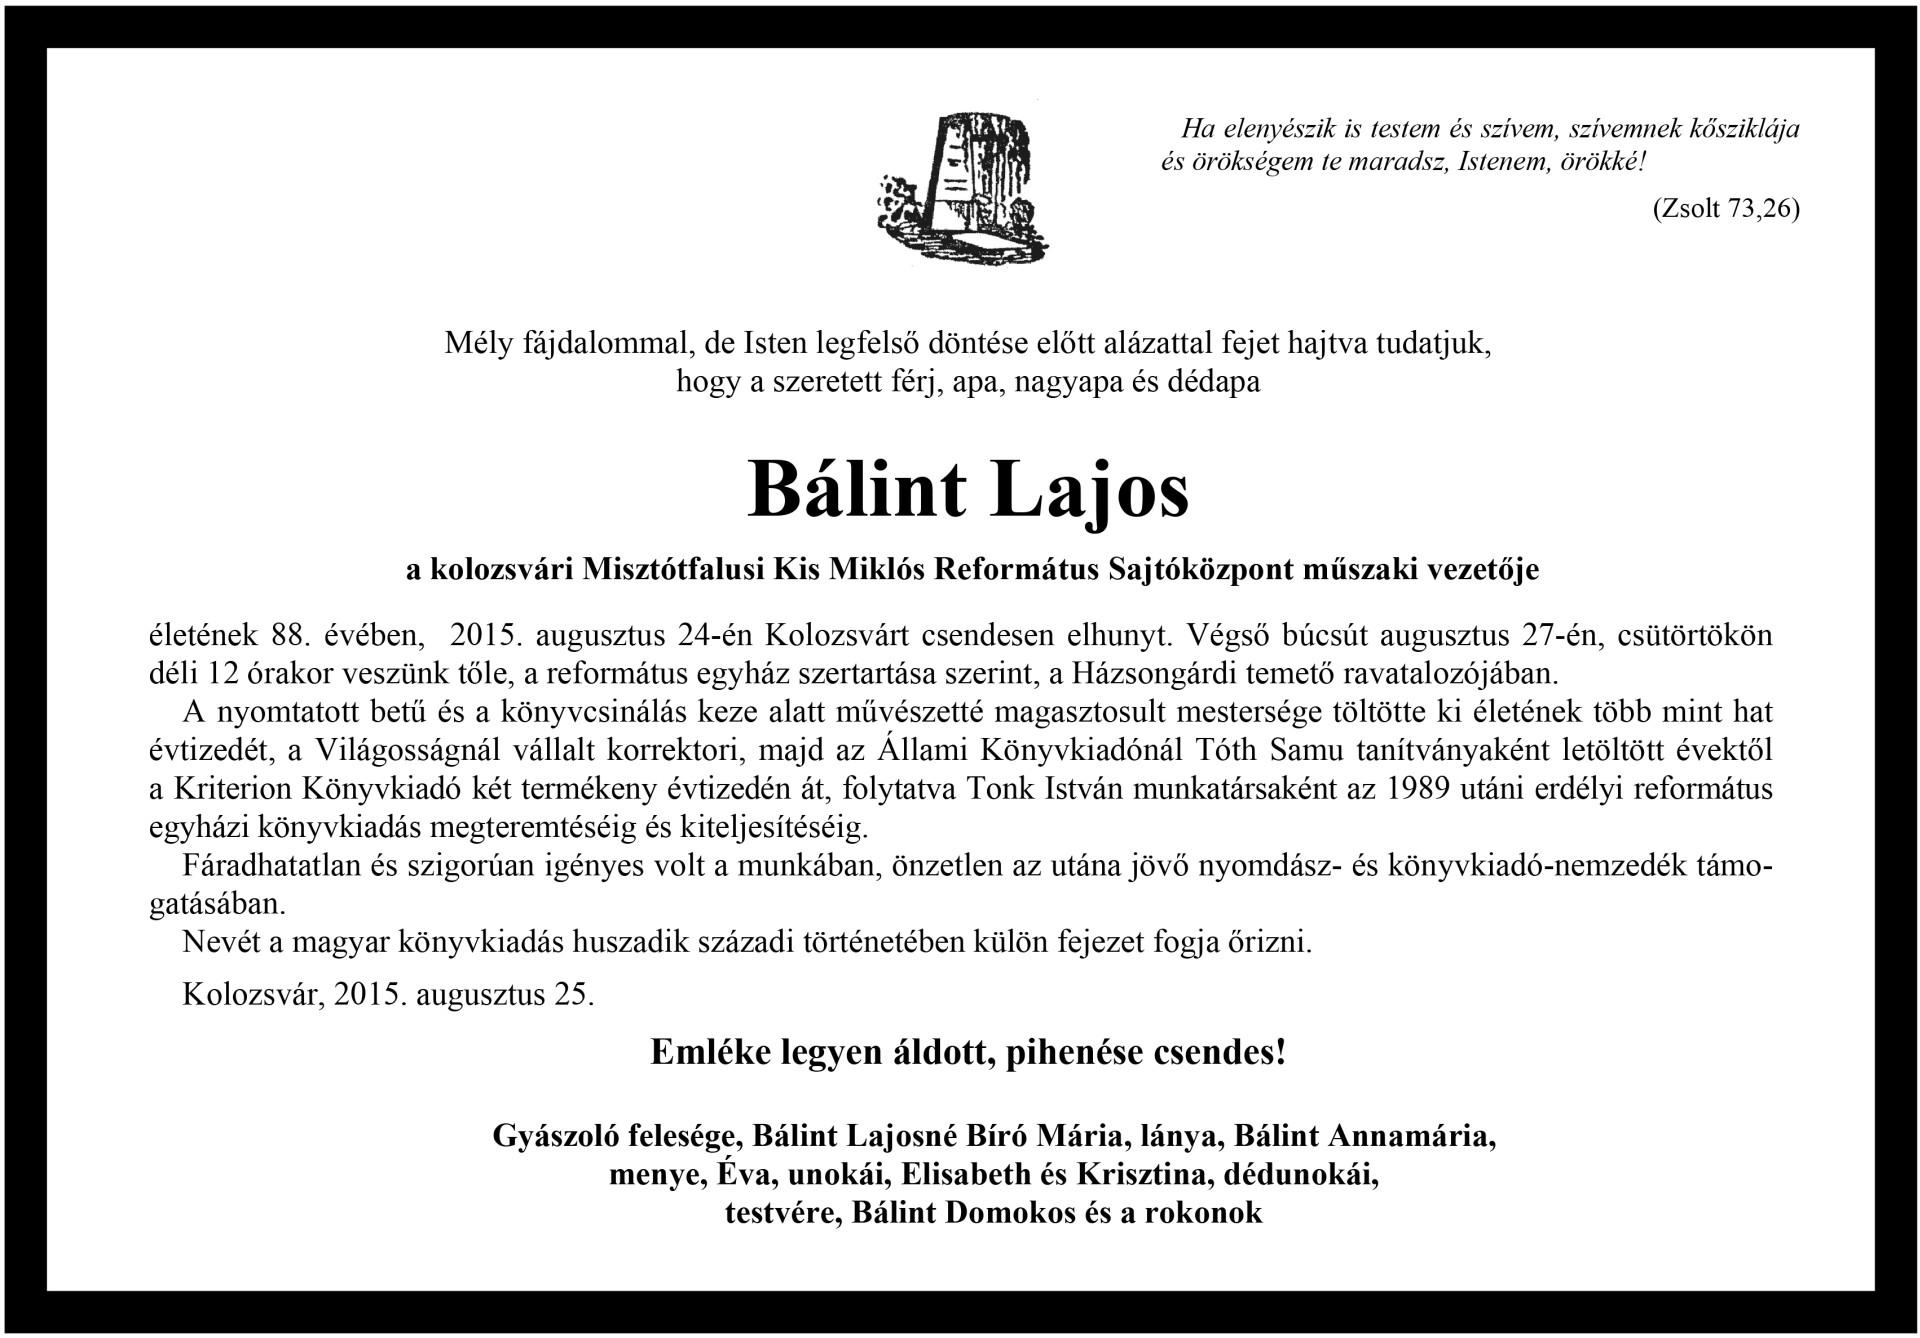 Gyászjelentés - Bálint Lajos